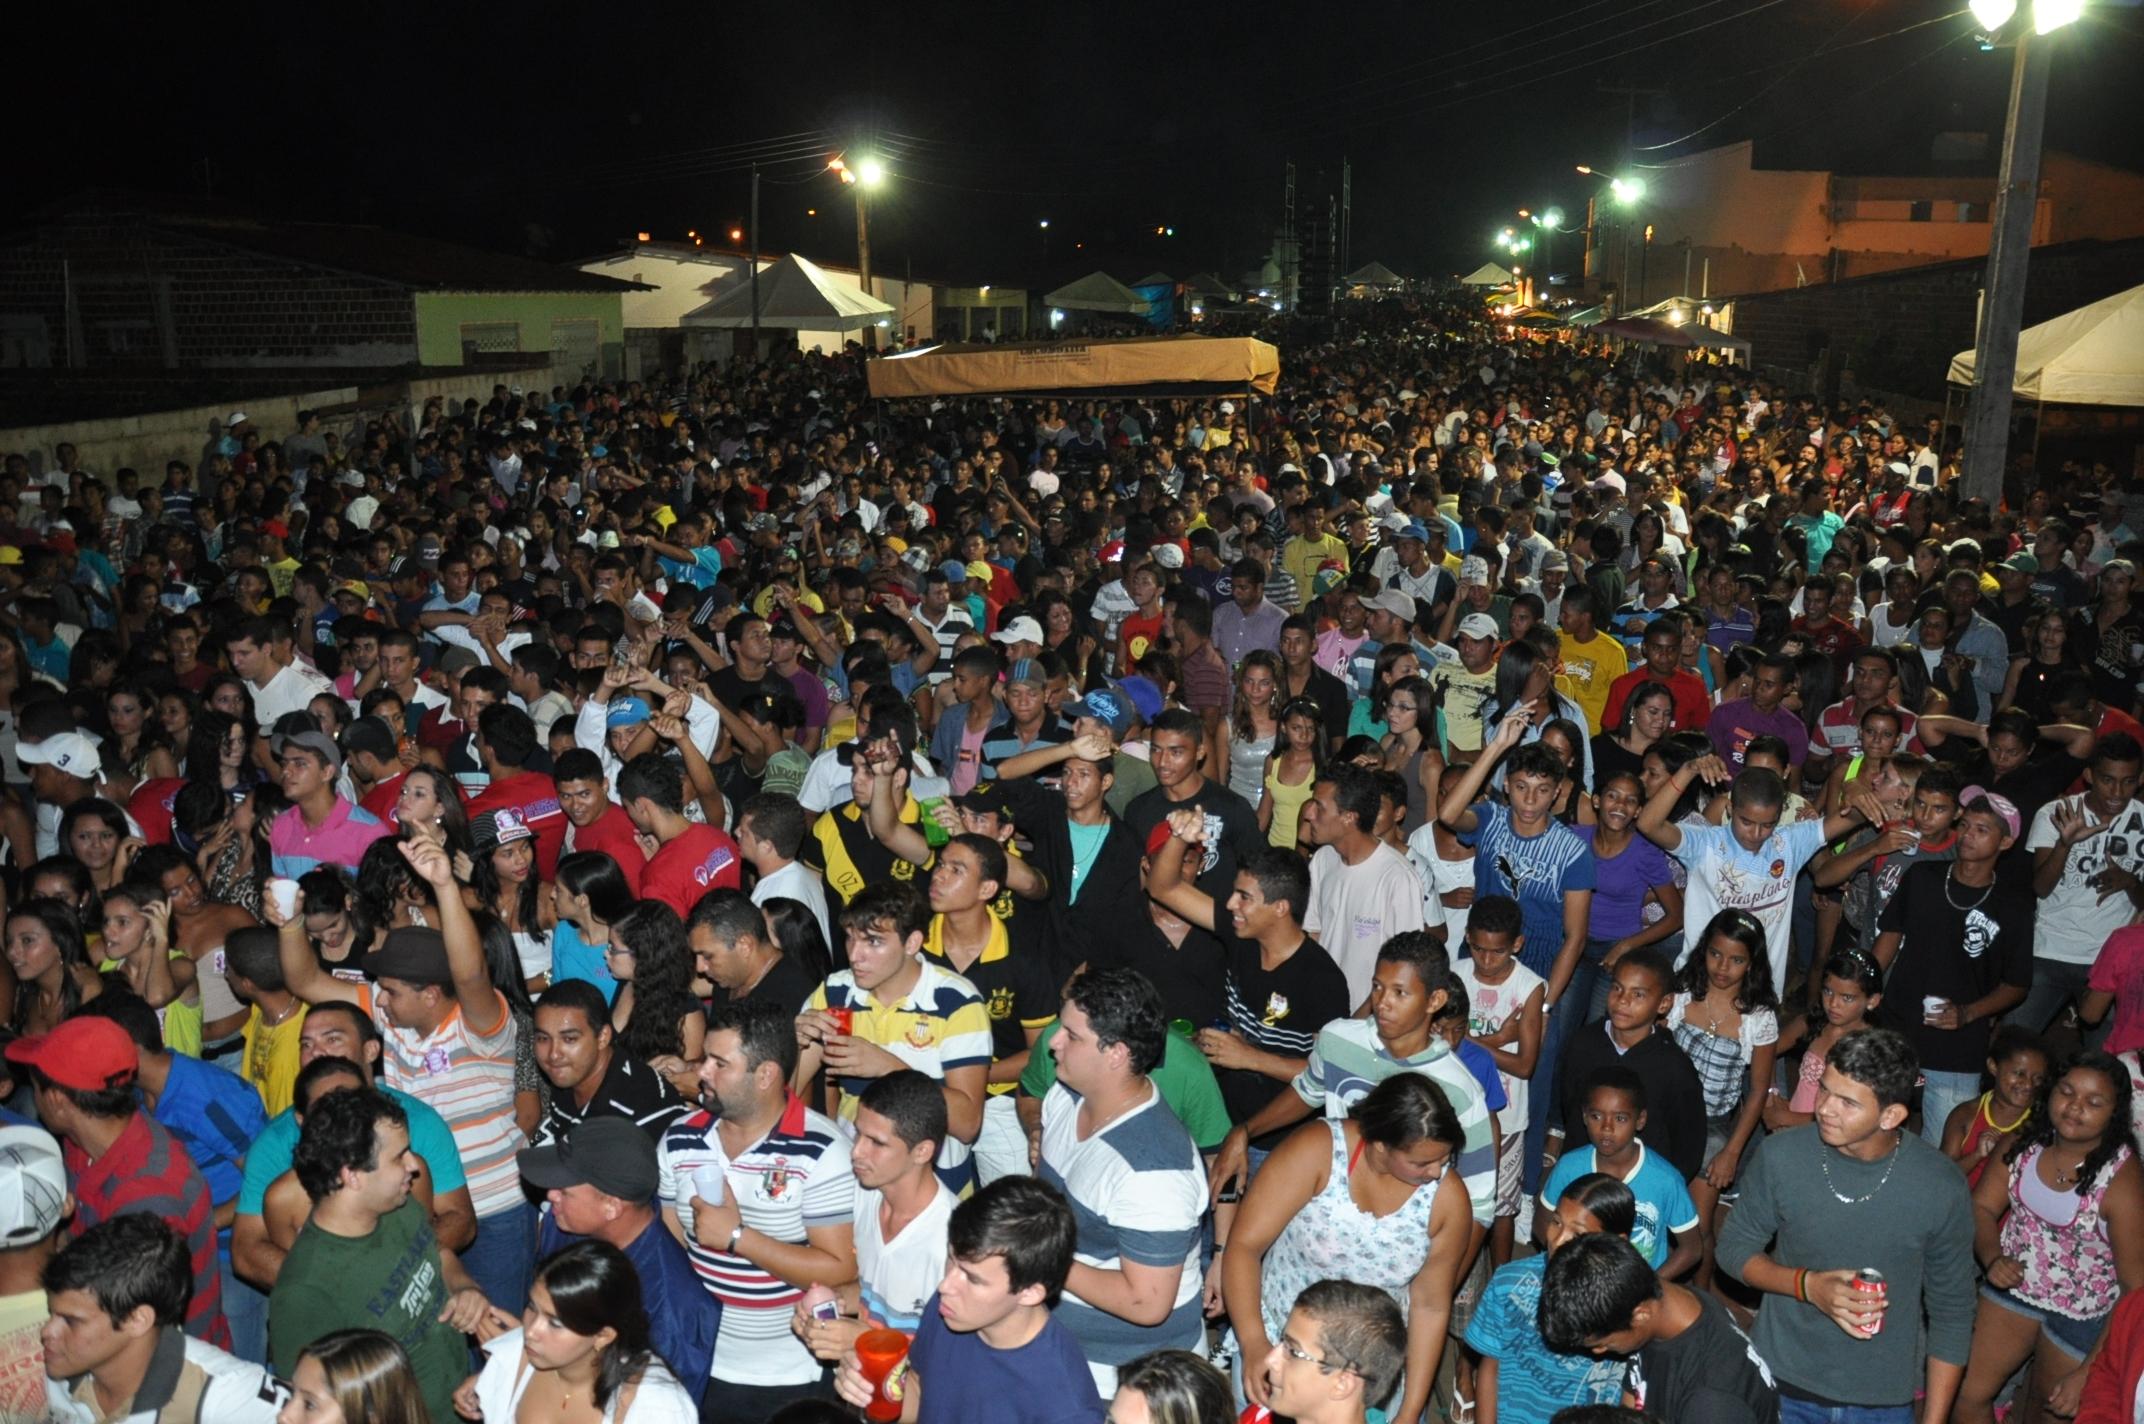 Sábado: Forrozão do Briola anima tradicional festa de Santo Antônio em São Gonçalo